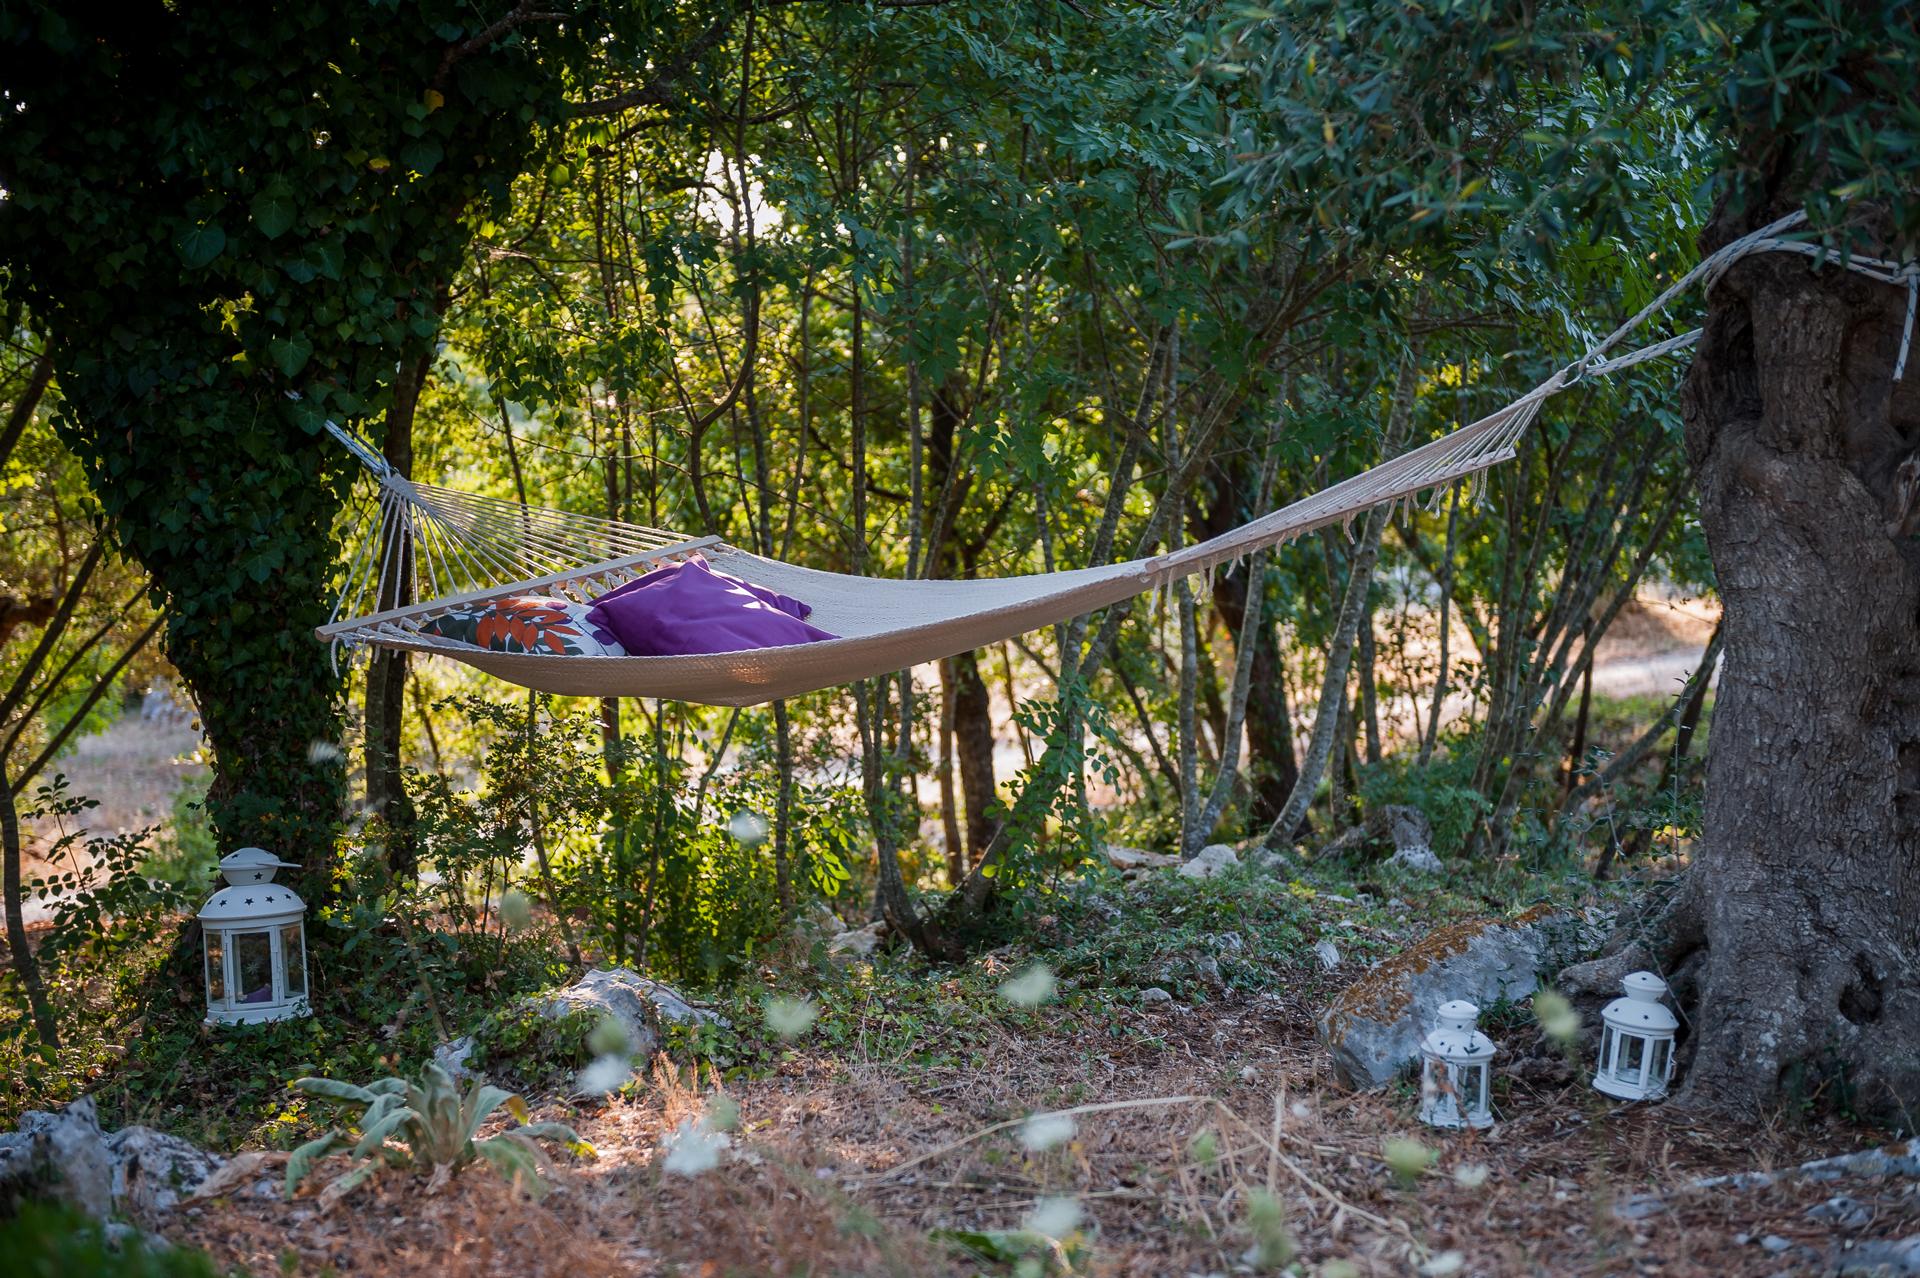 Un'amaca nel bosco è l'ideale per rilassarsi godendo dei profumi della natura... solo da Tre Casiedde!